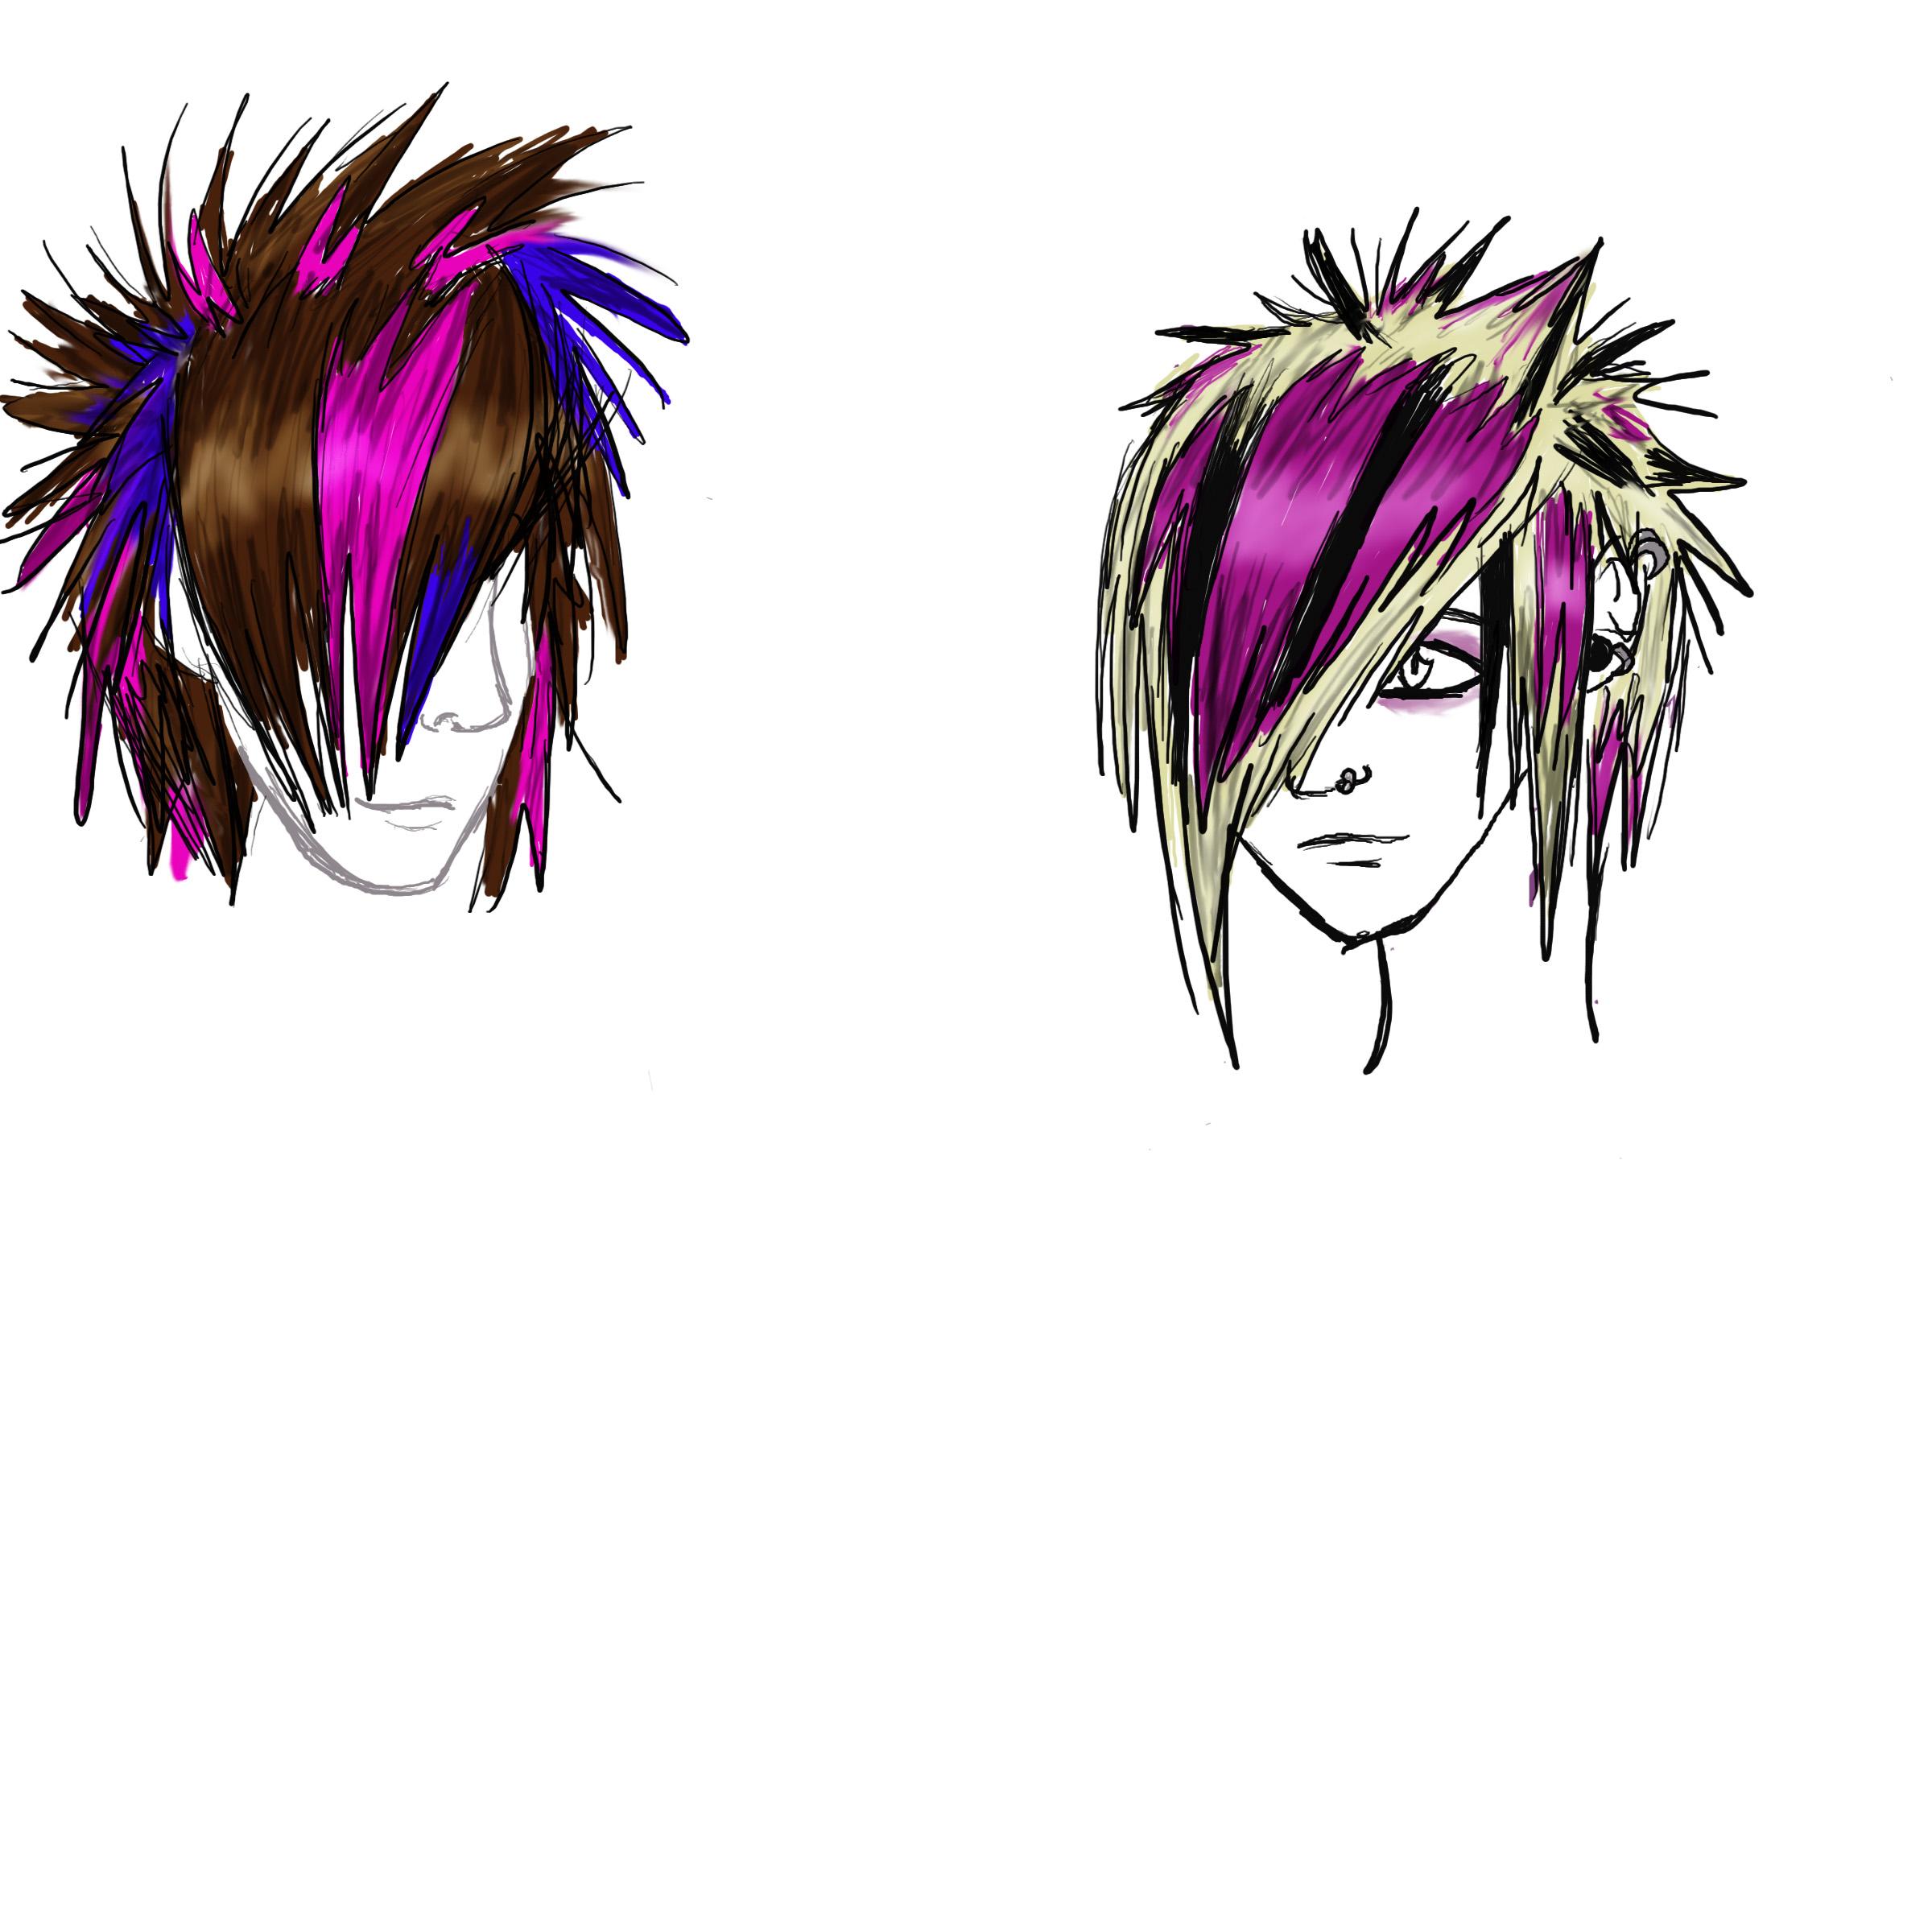 HAIRCUTS EMO